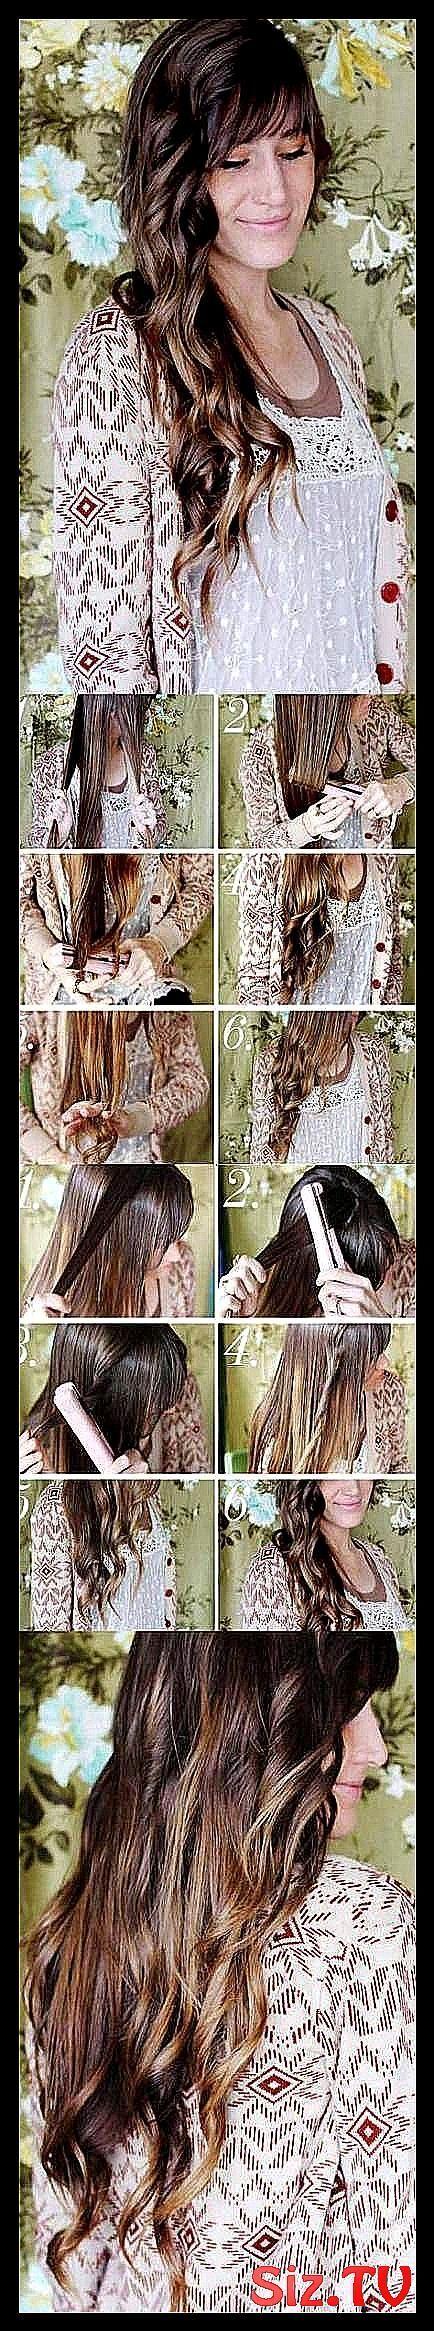 Trendy Frisuren für die Schule keine Hitze lockiges Haar 51 Ideen Trendy Frisuren für s …